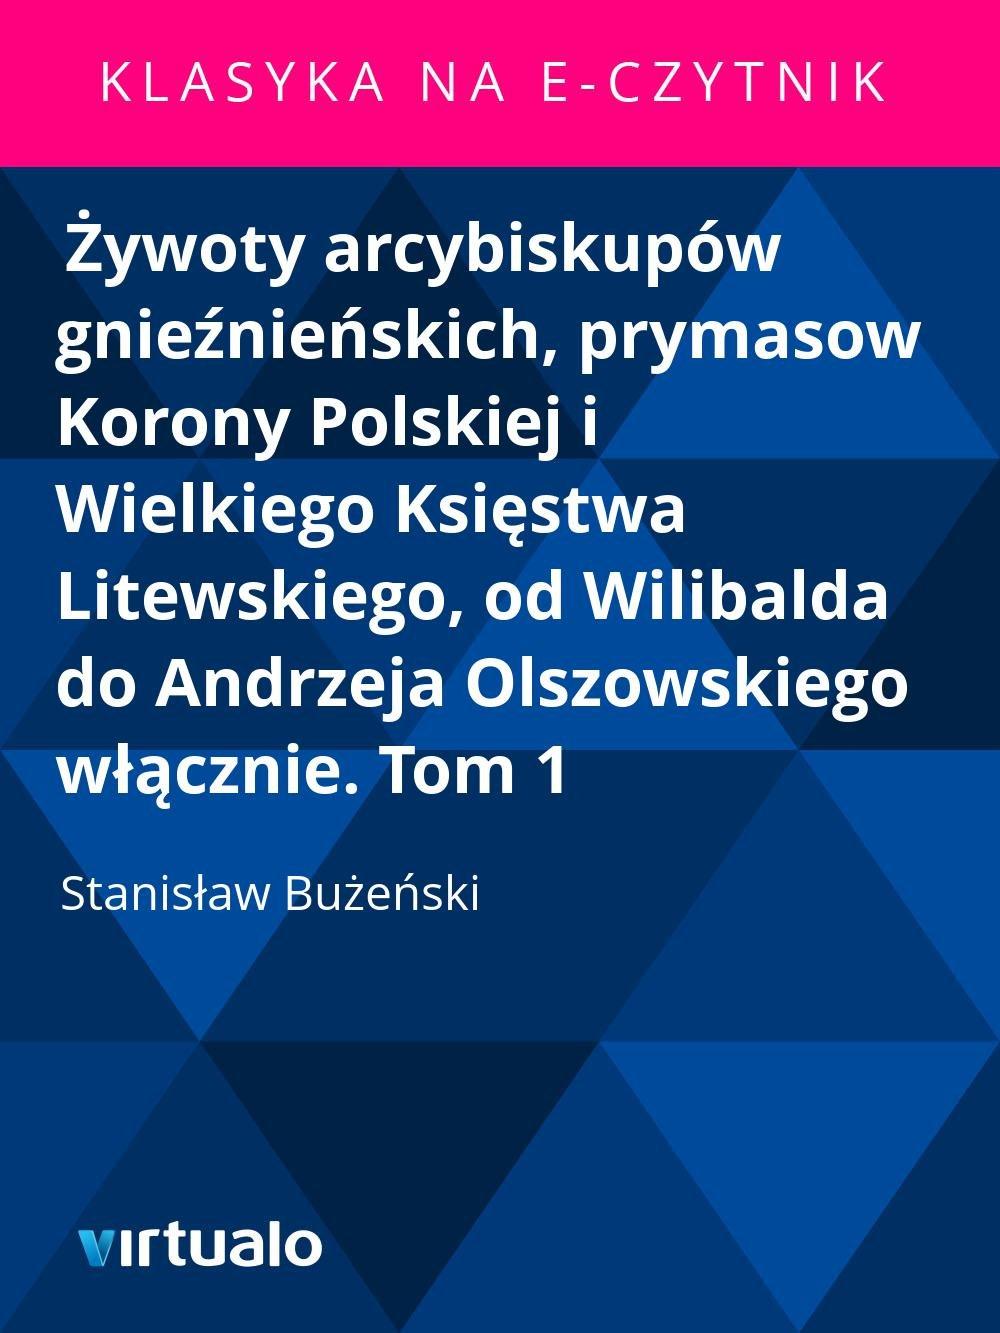 Żywoty arcybiskupów gnieźnieńskich, prymasow Korony Polskiej i Wielkiego Księstwa Litewskiego, od Wilibalda do Andrzeja Olszowskiego włącznie. Tom 1 - Ebook (Książka EPUB) do pobrania w formacie EPUB